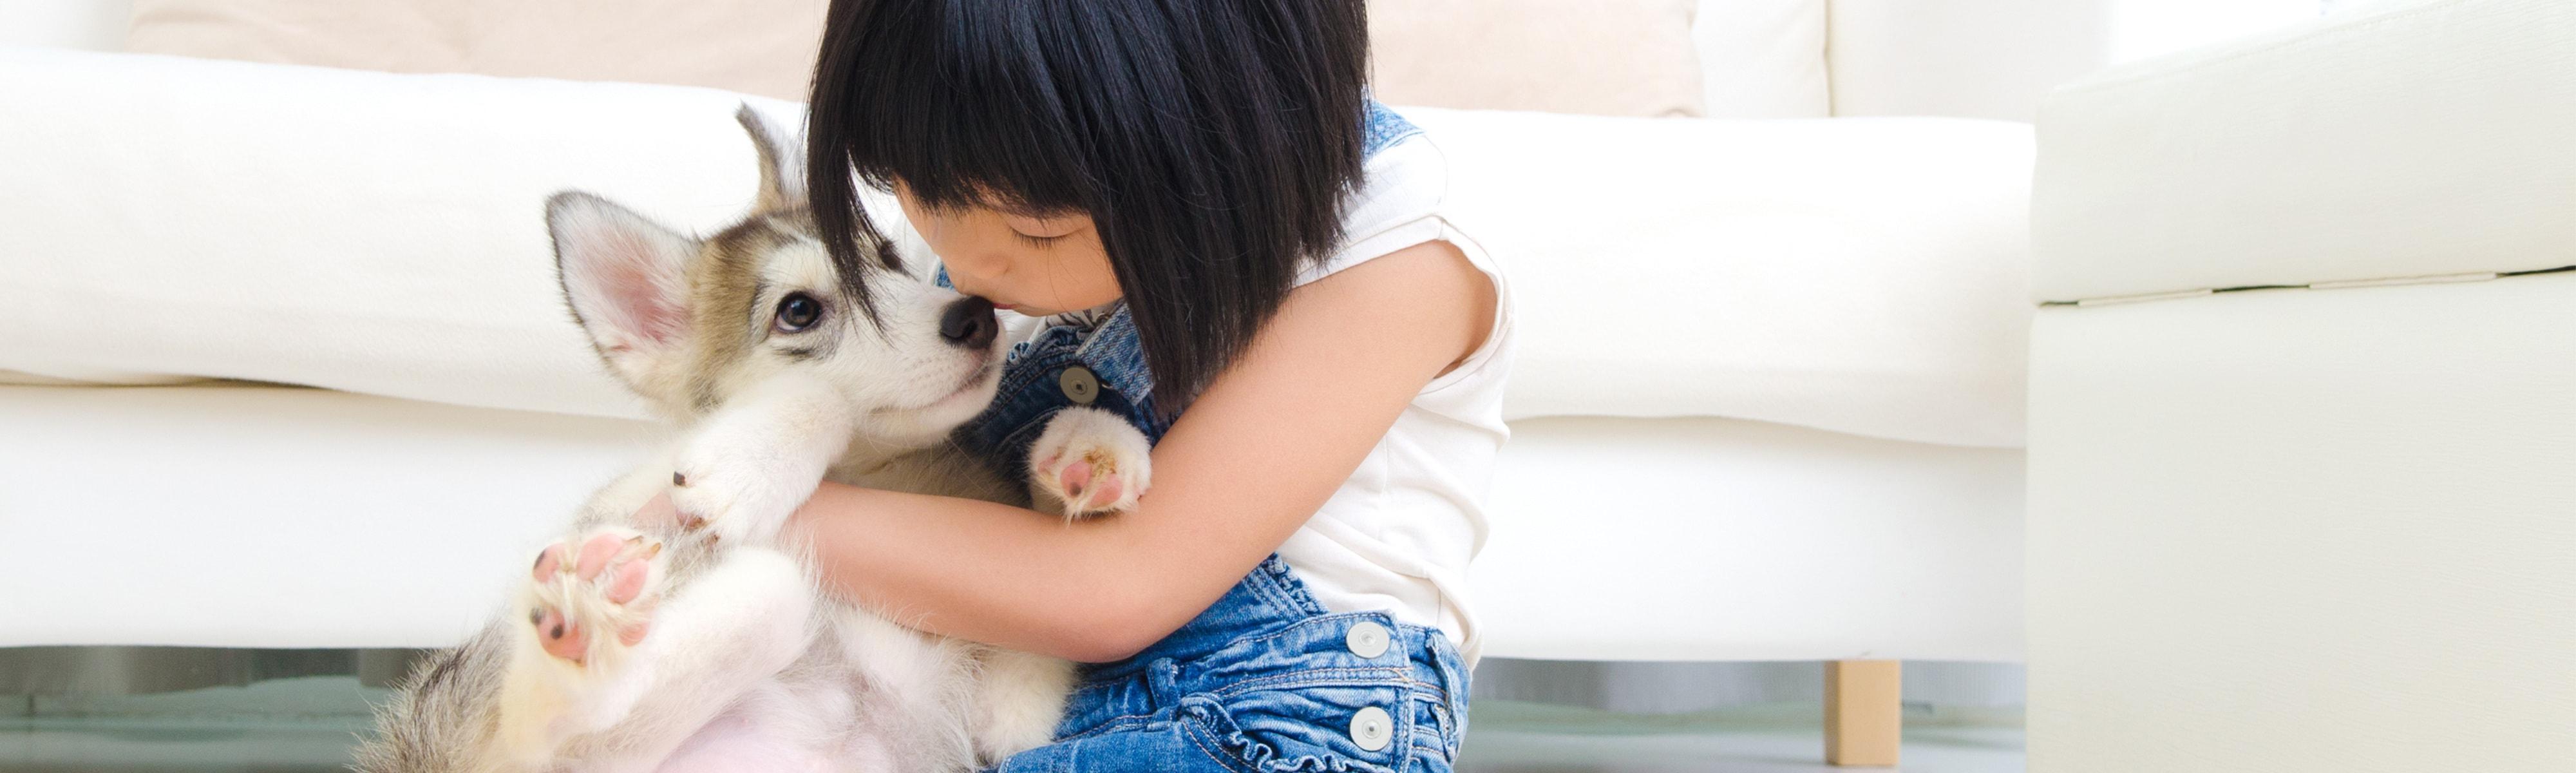 A cute child hugging a puppy.